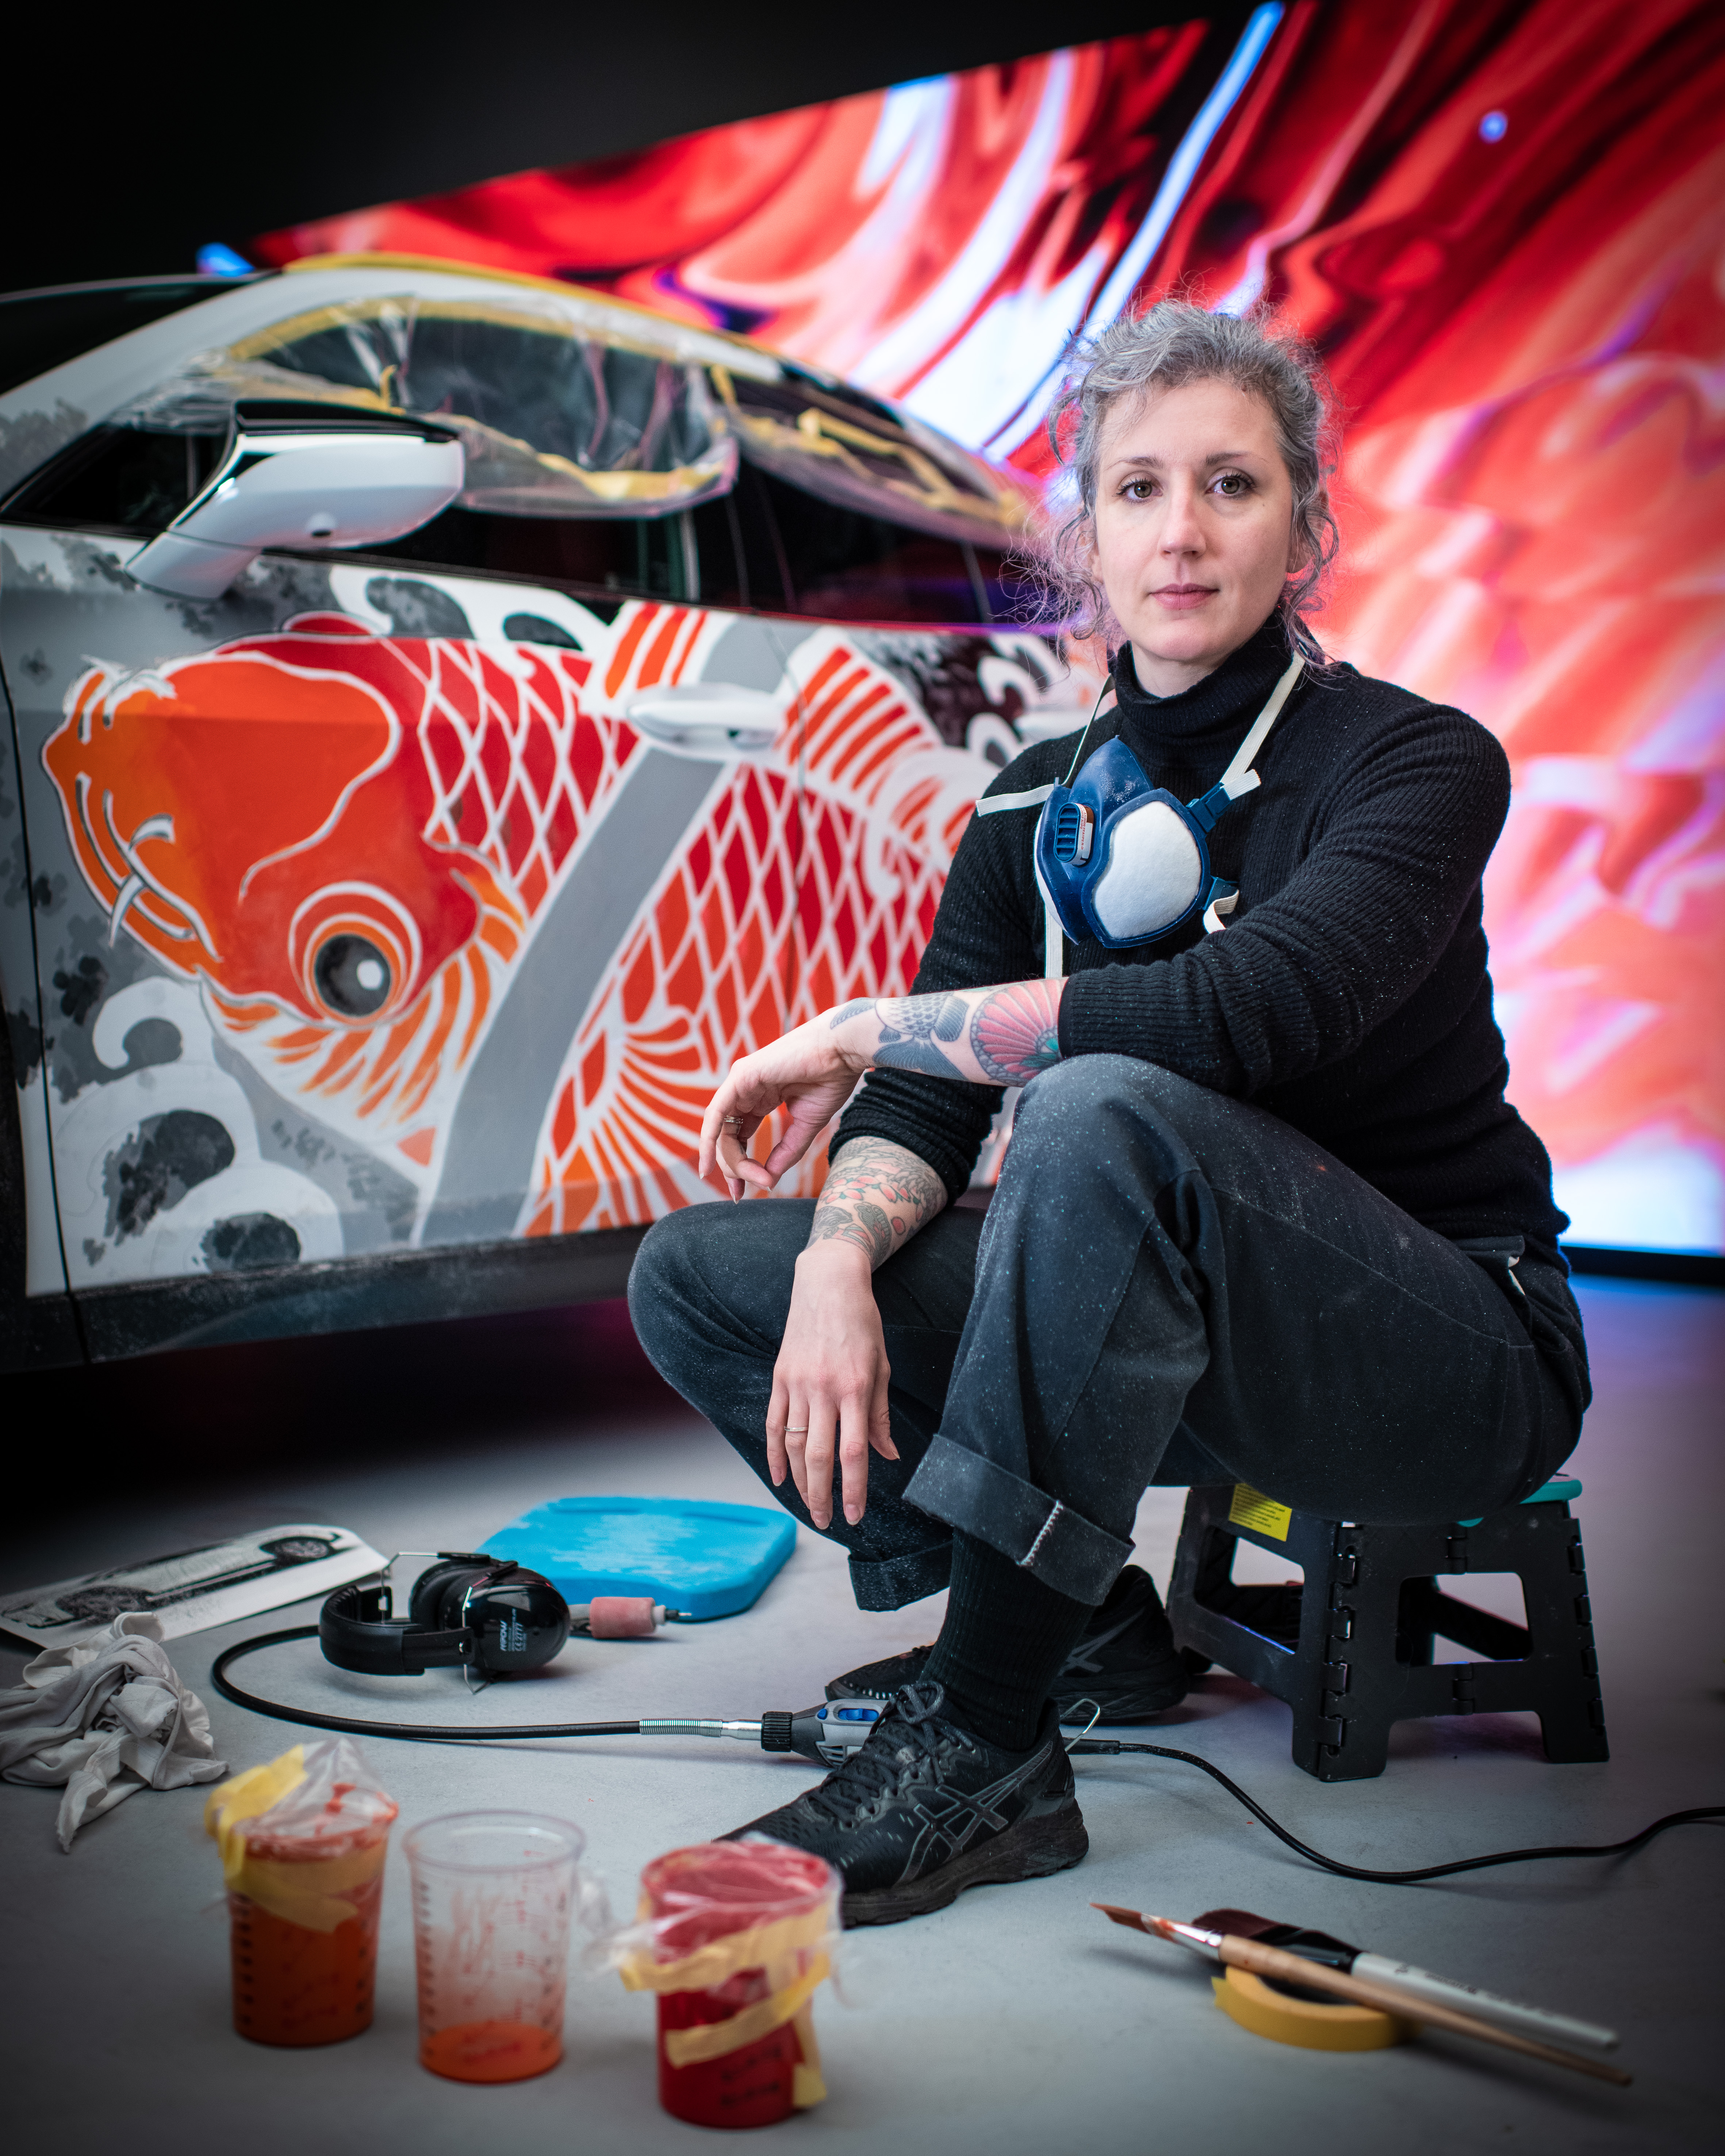 Lexus claudia portrait